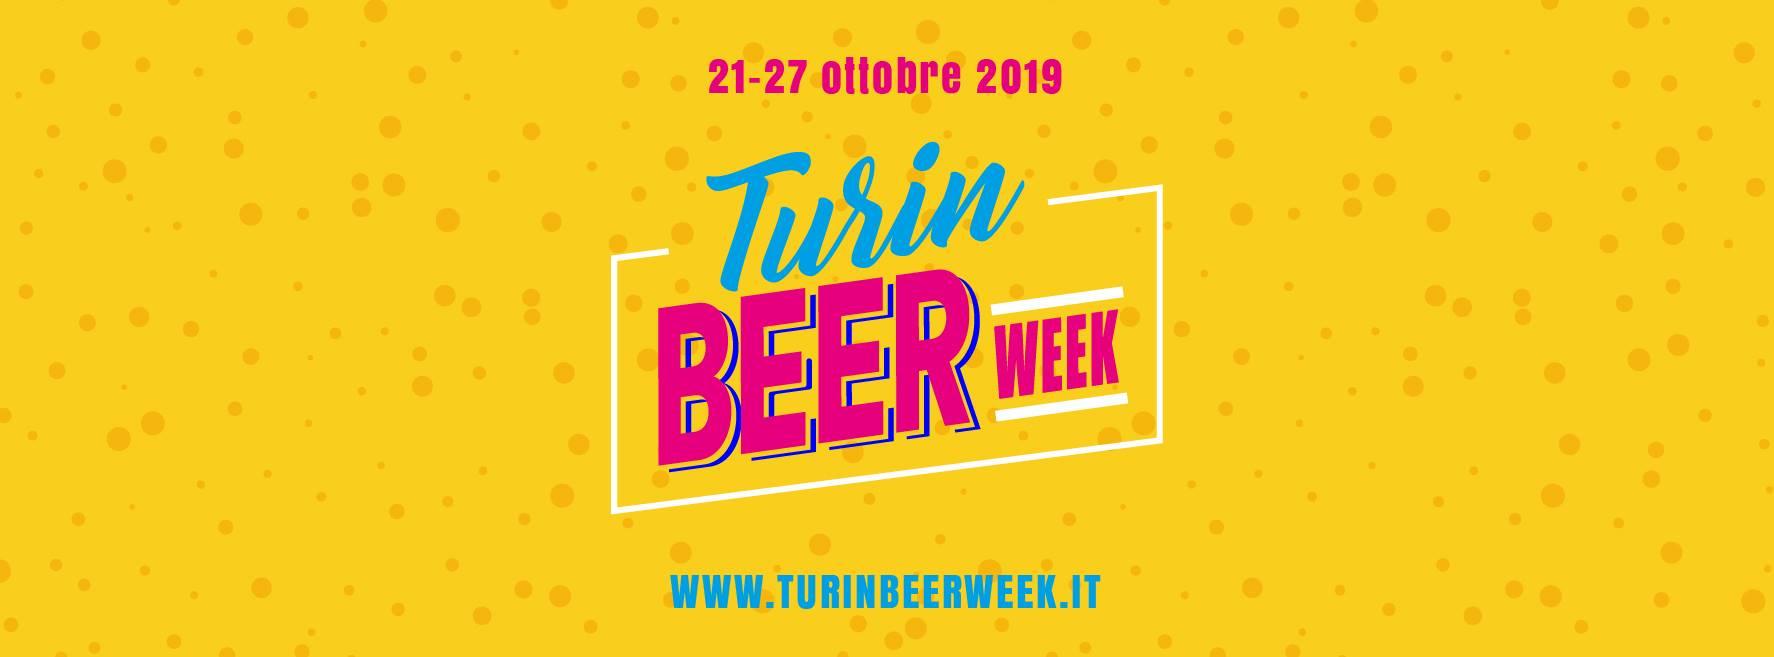 Turin Beer Week